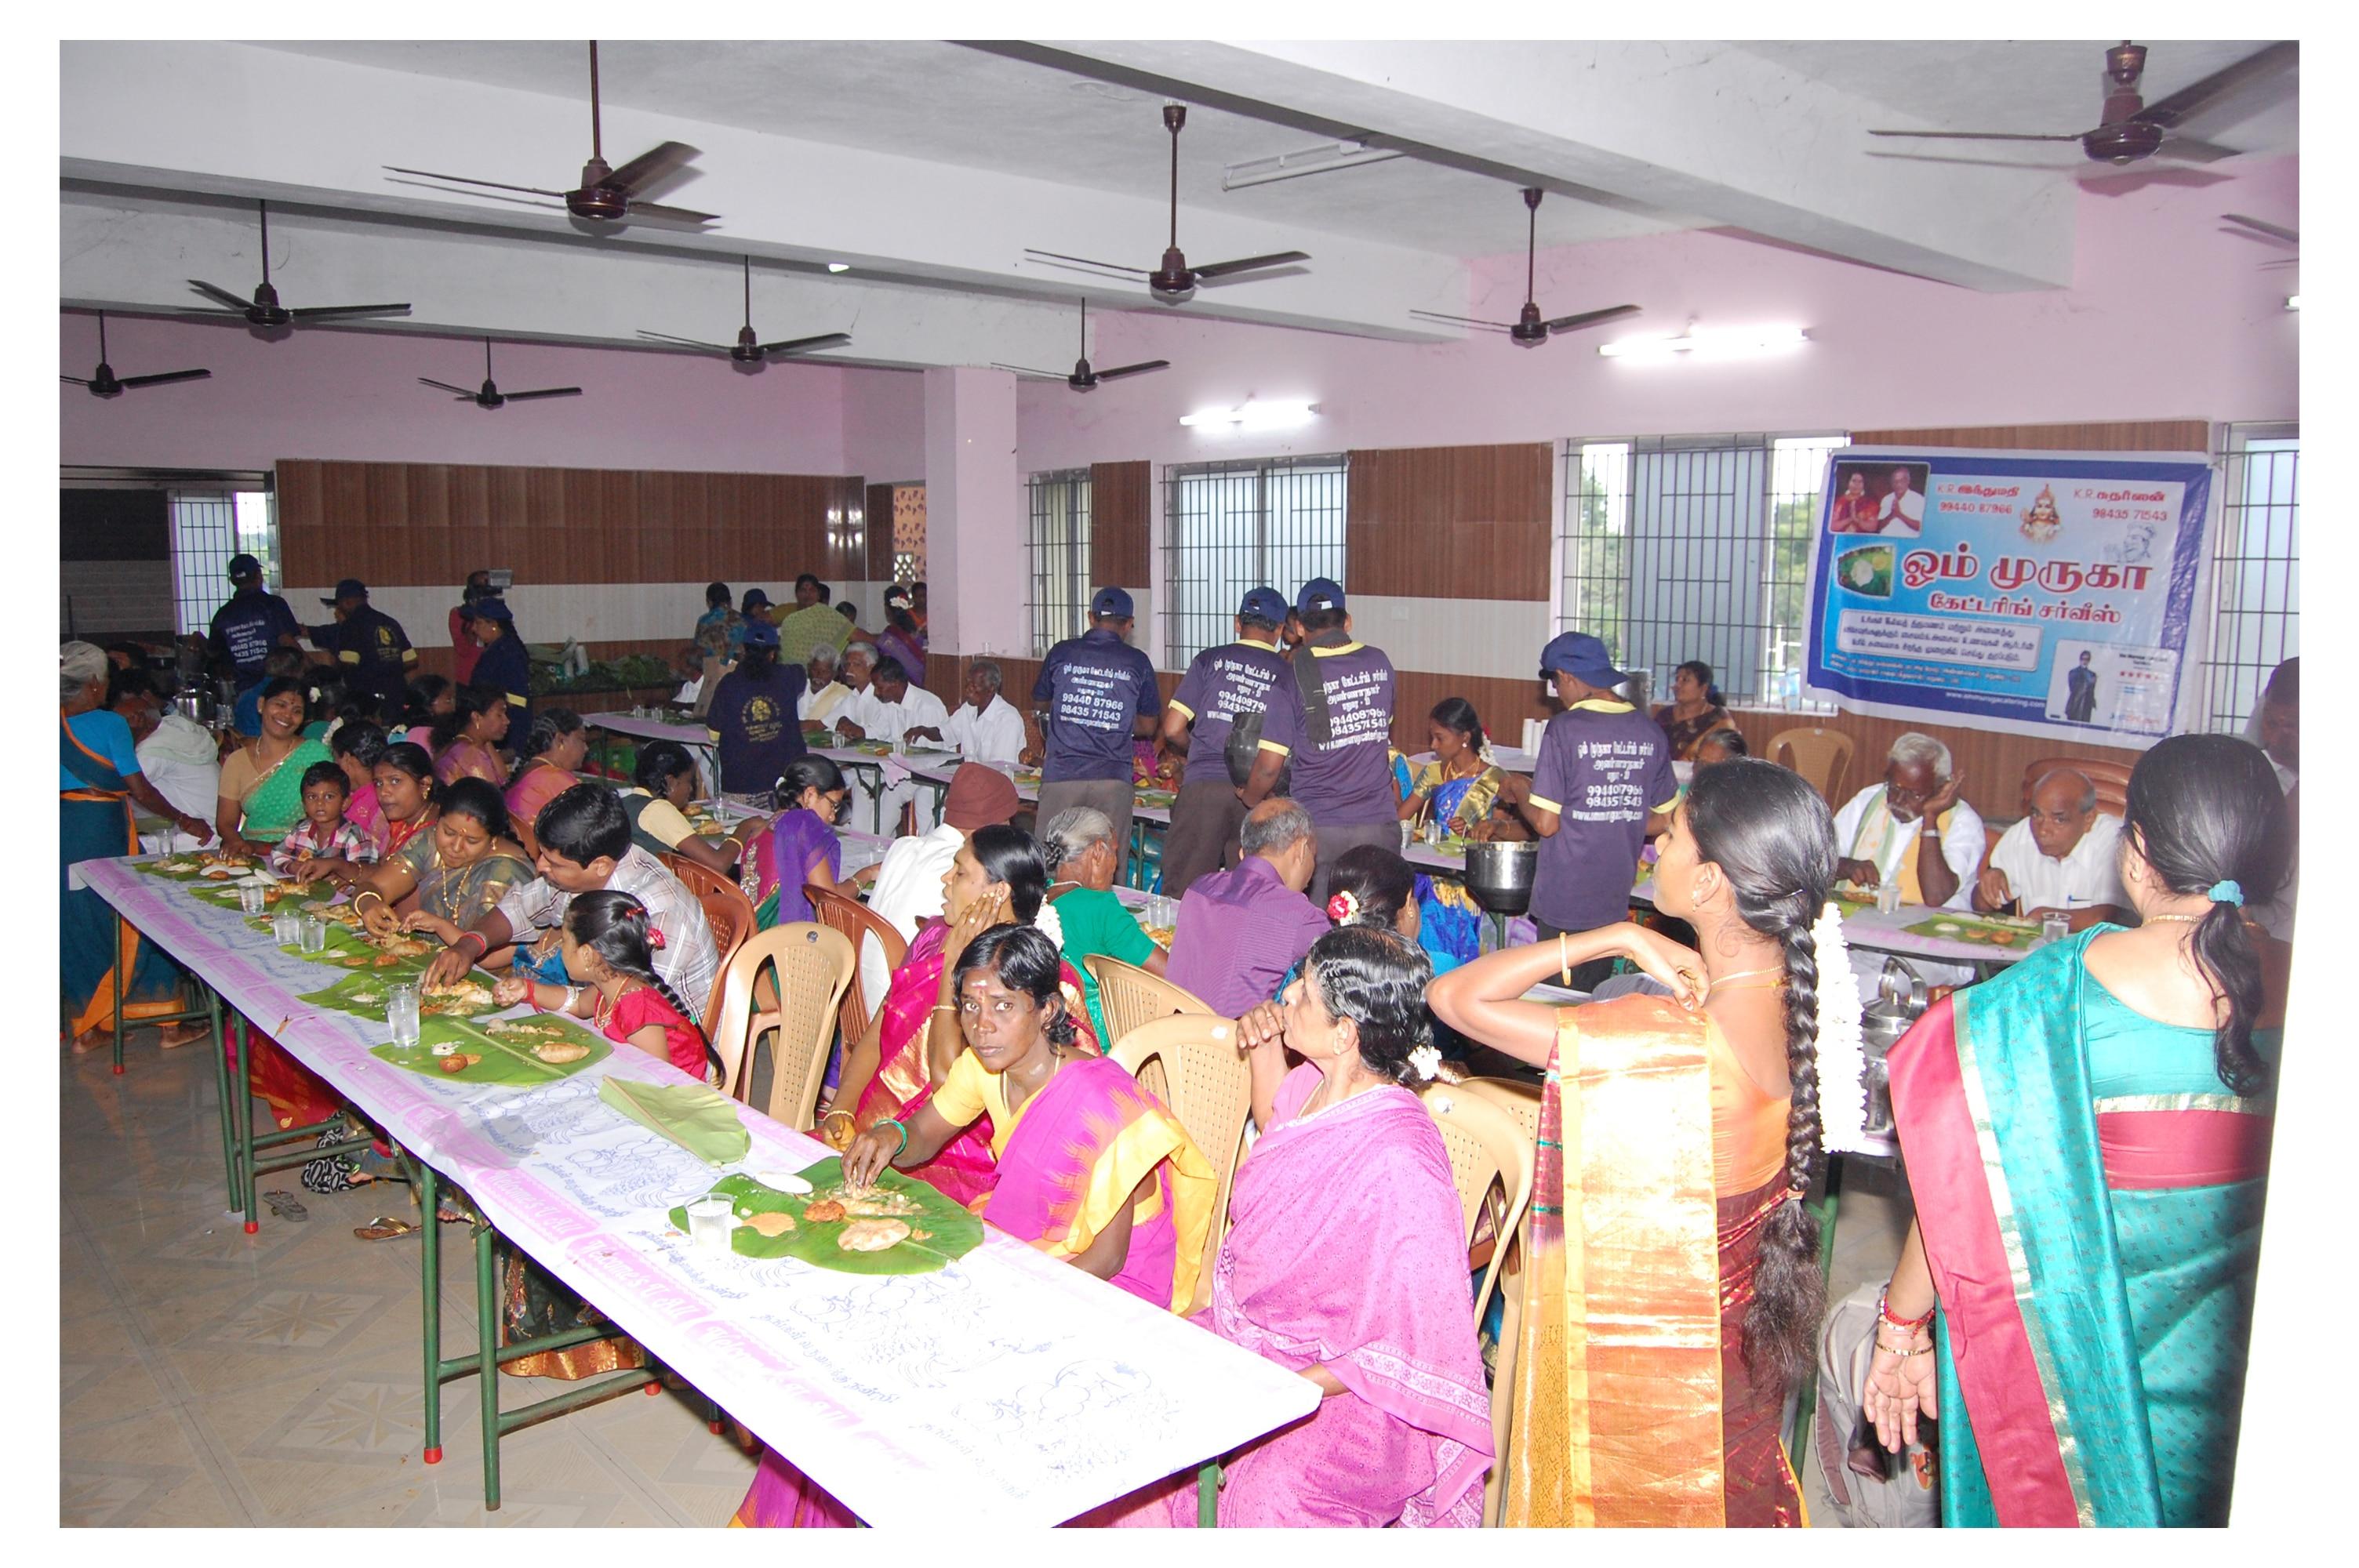 Veg Caterers In Madurai, Veg Catering In Madurai & Veg Catering Service In Madurai. Best Veg Caterers In Madurai, Best Veg Catering In Madurai & Best Veg Catering Service In Madurai. No.1. Veg Caterers In Madurai, No.1. Veg Catering In Madurai & No.1. Veg Catering Service In Madurai. Famous Veg Caterers In Madurai, Famous Veg Catering In Madurai & Famous Veg Catering Service In Madurai. Excellent Veg Caterers In Madurai, Excellent Veg Catering In Madurai & Excellent Veg Catering Service In Madurai.